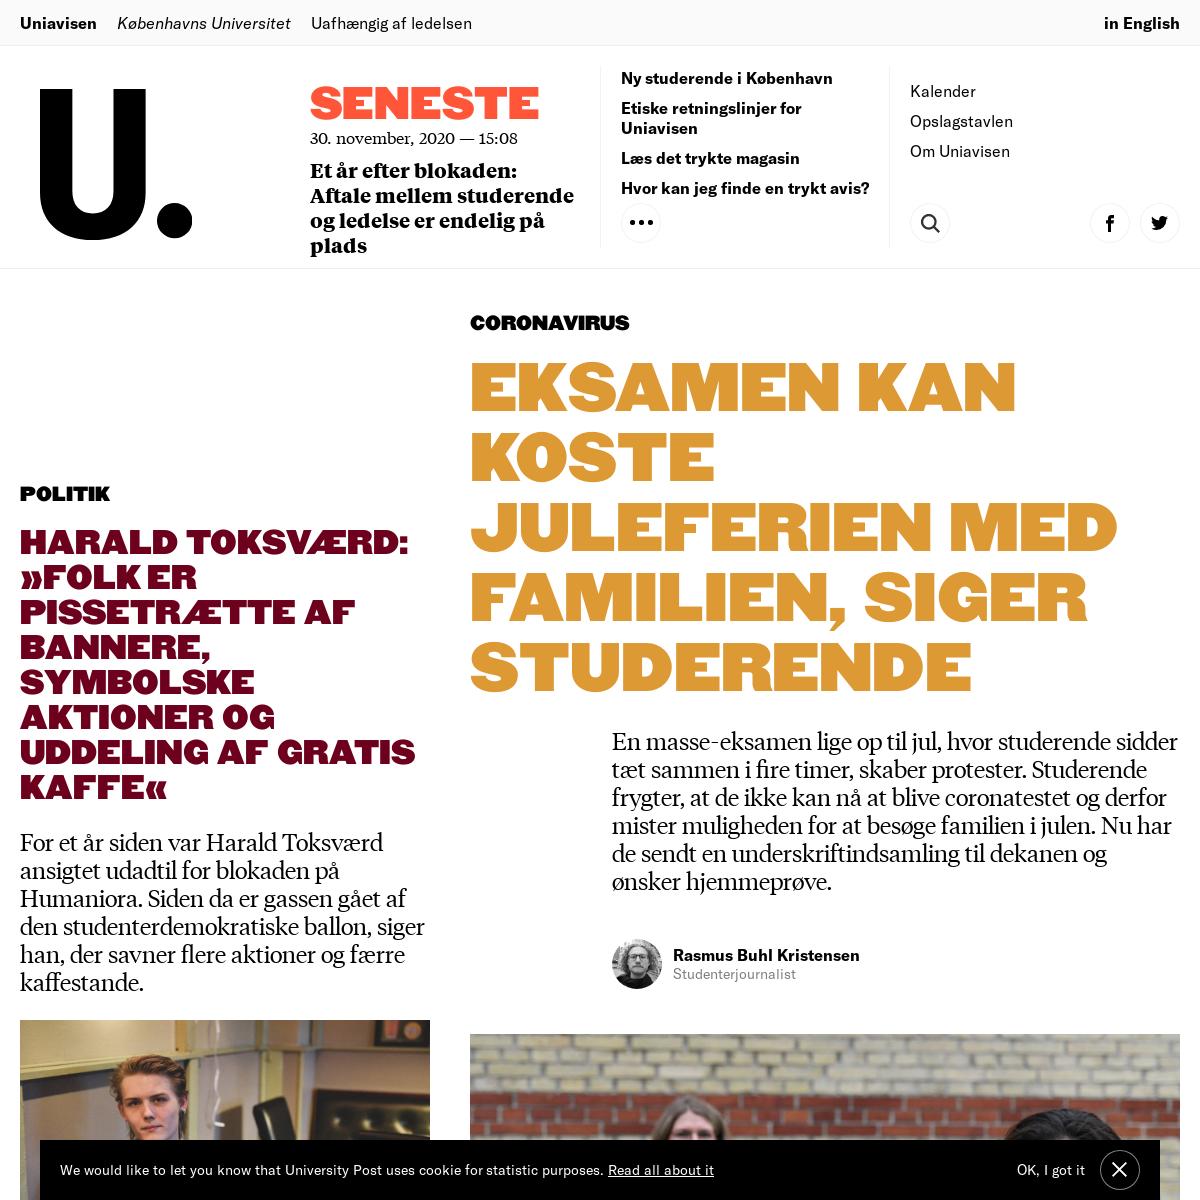 Uniavisen - Københavns Universitets kritiske, uafhængige avis